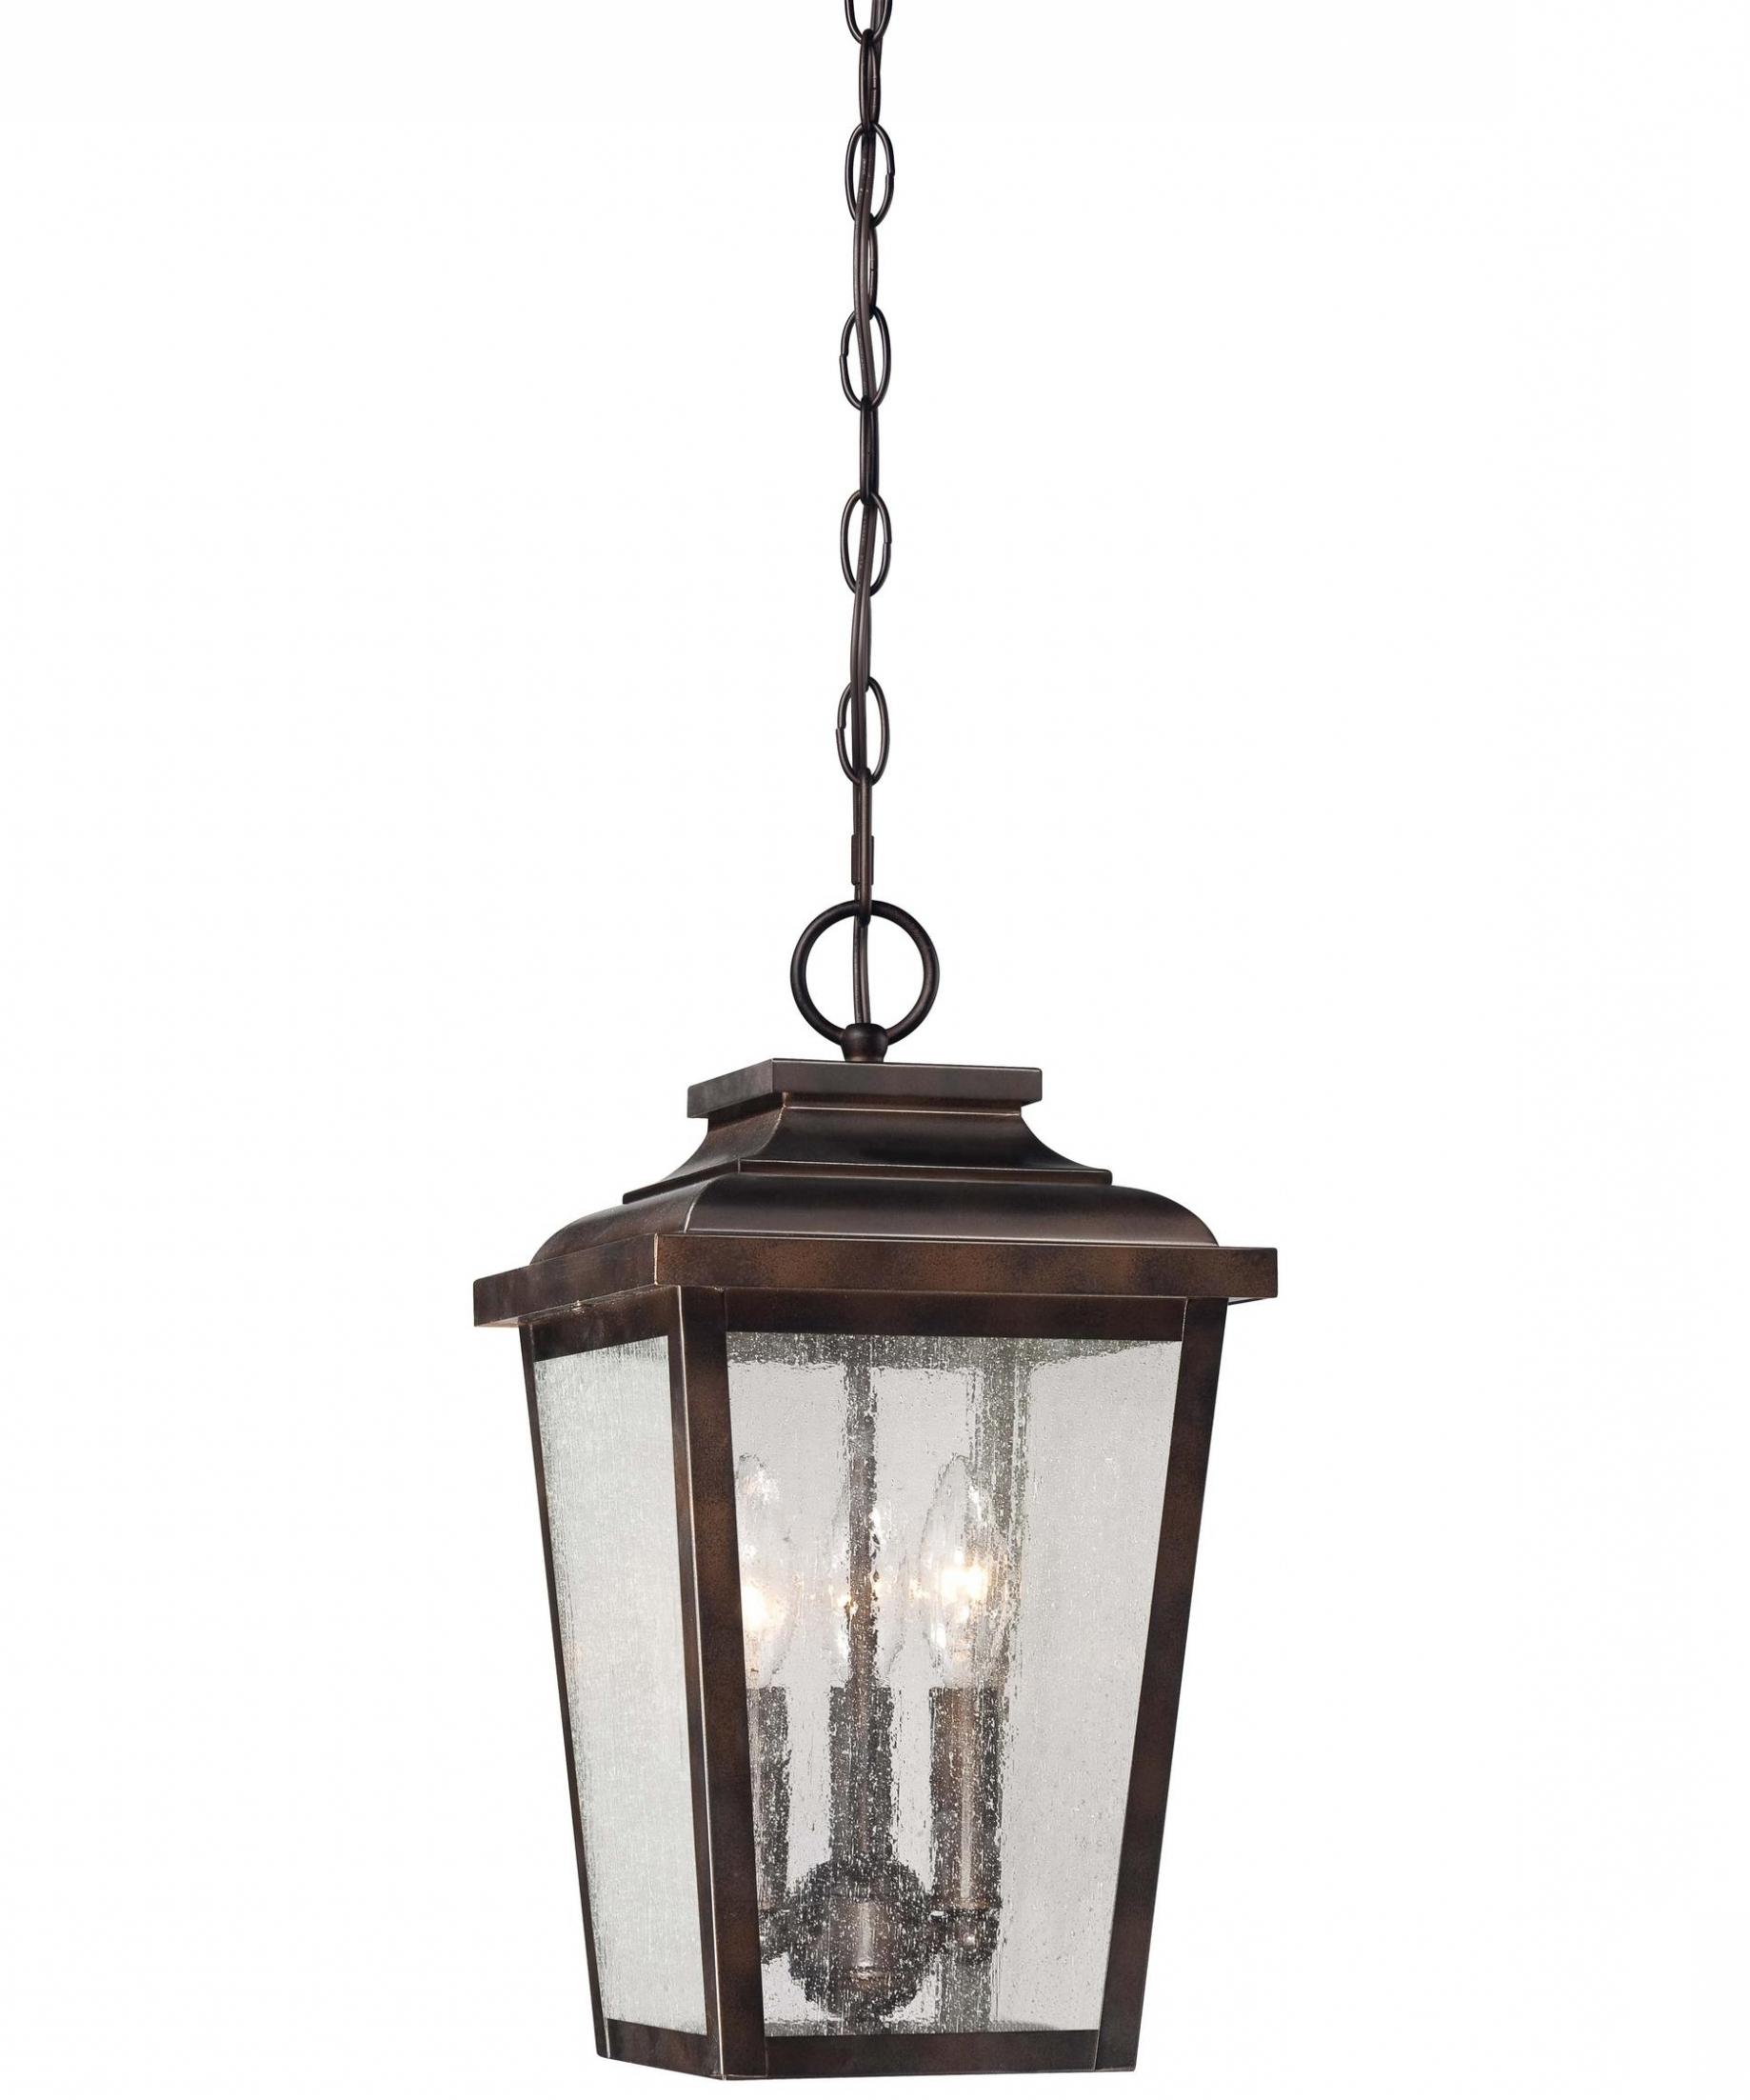 Lamp & Lighting: Hanging Outdoor Porch Light Fixtures • Outdoor Regarding Most Current Hanging Outdoor Lights (View 7 of 20)